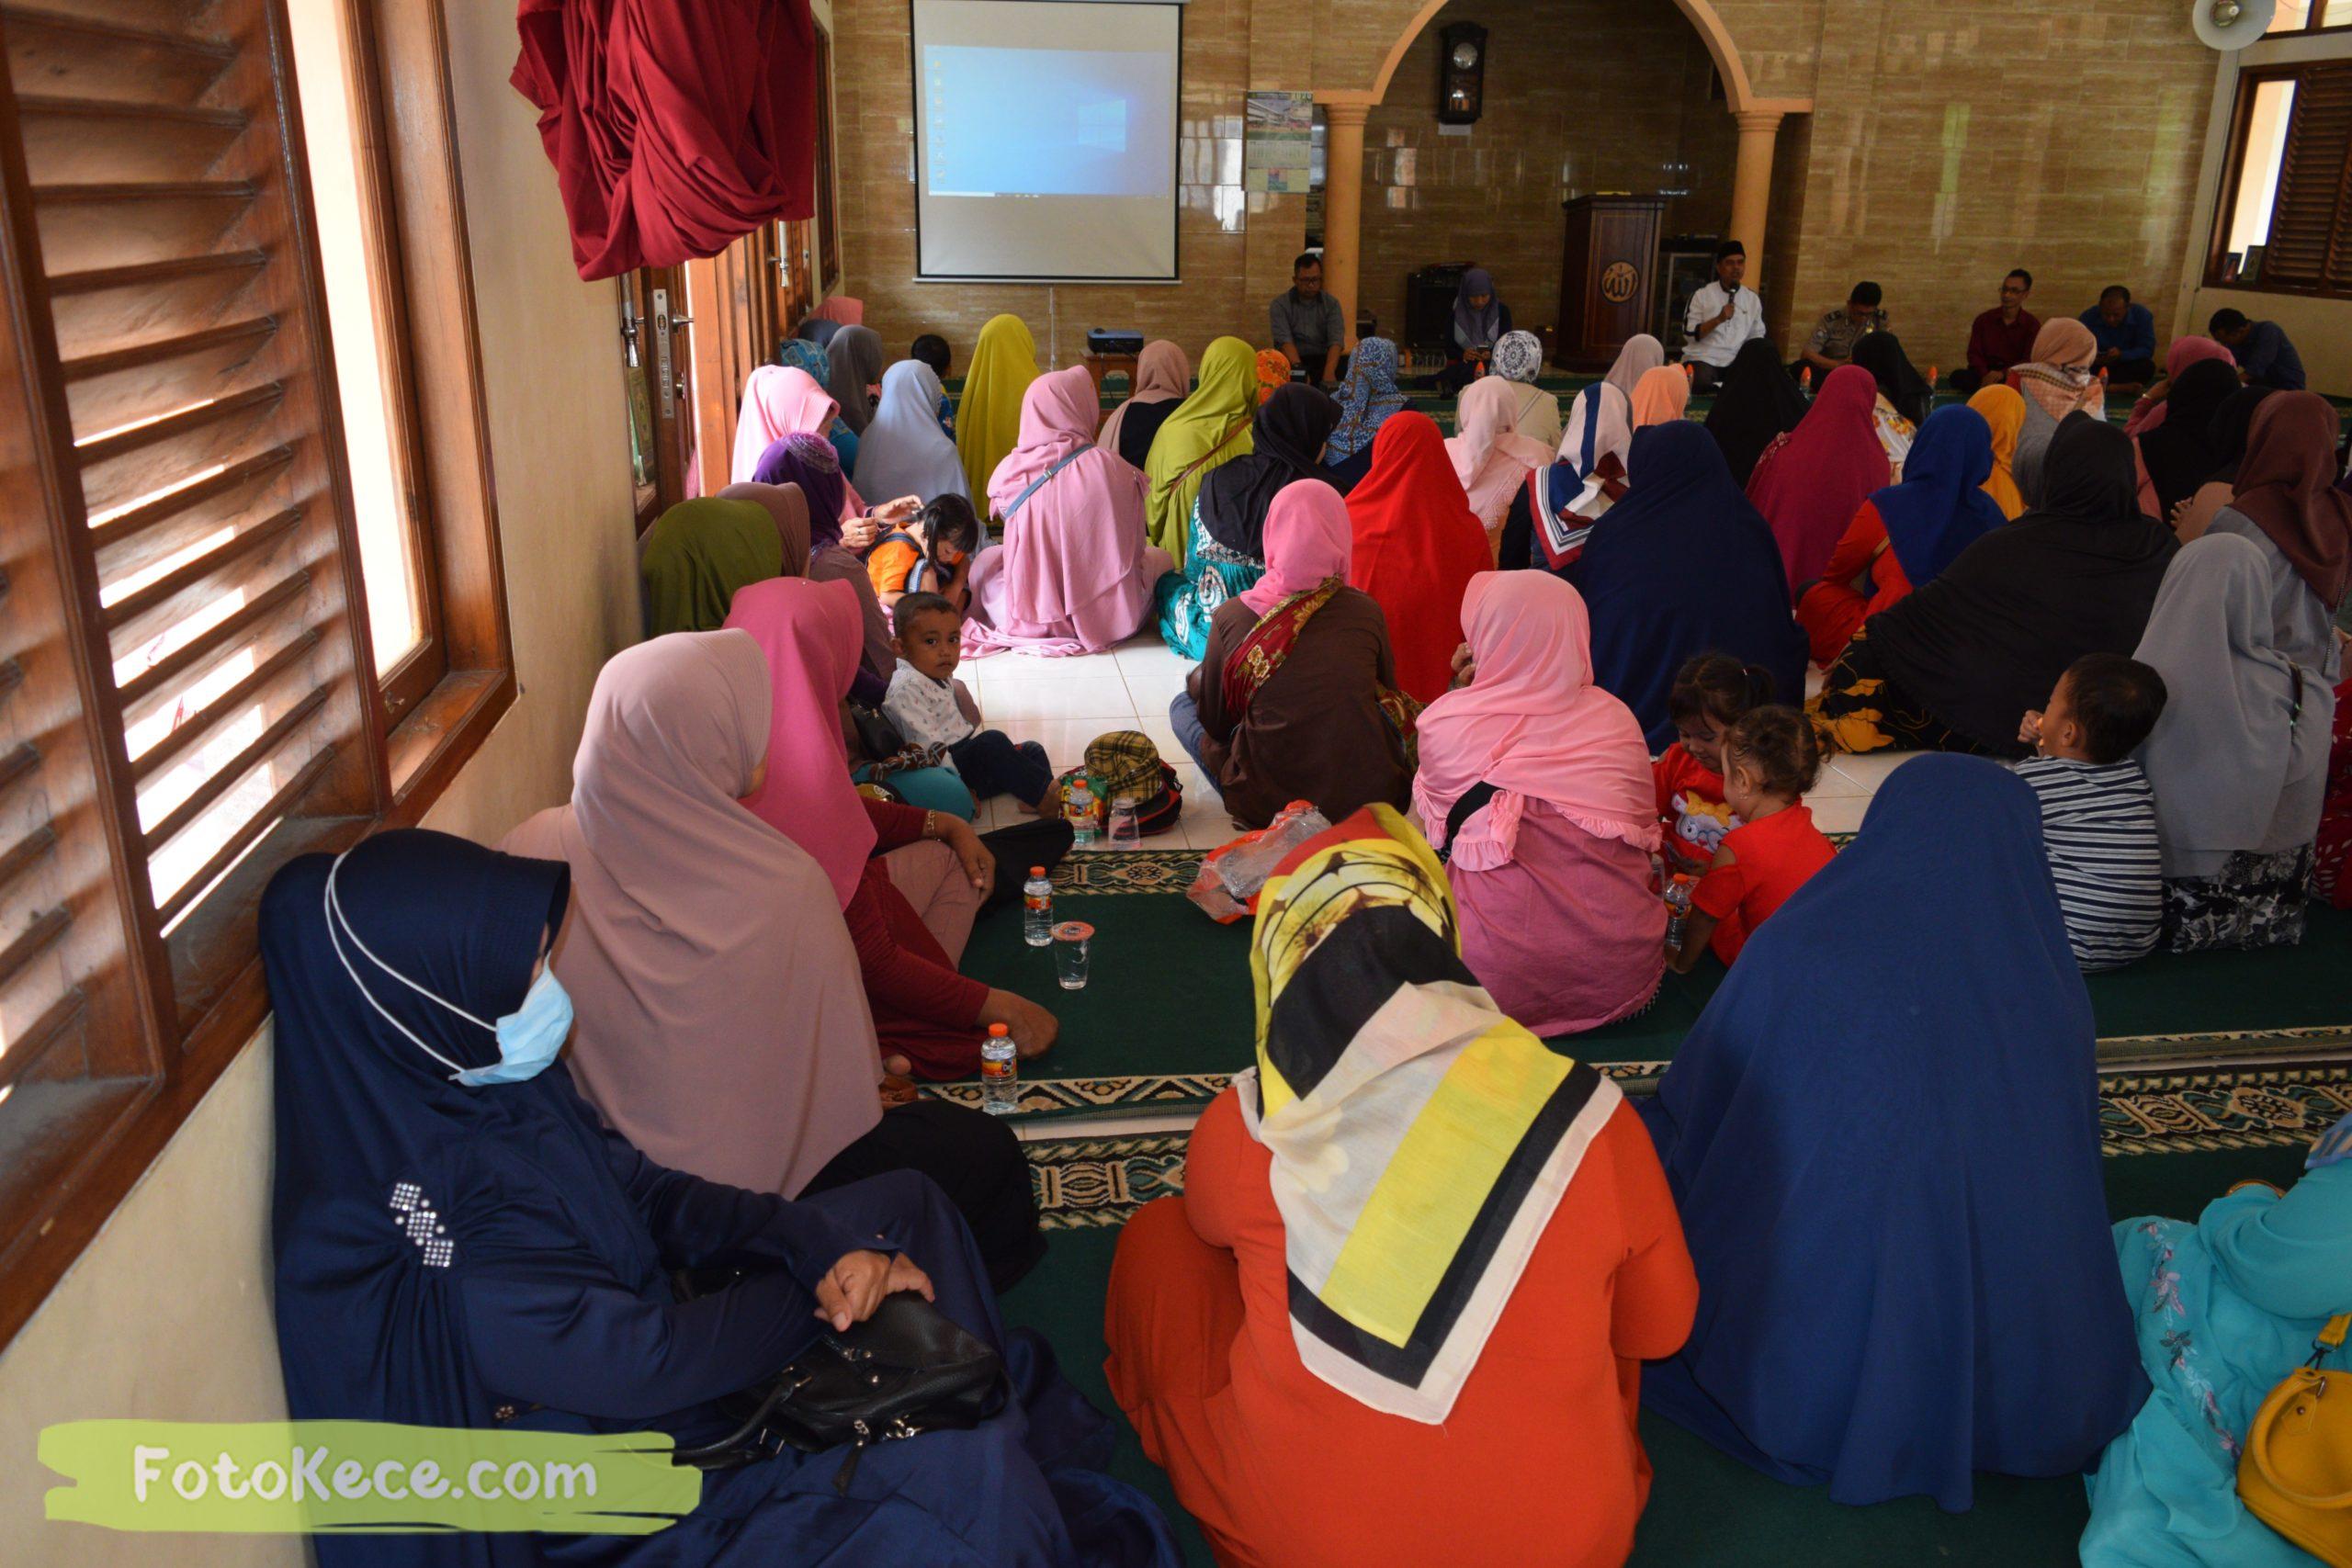 rapat komite ortu siswa kelas 9 masjid mtsn 2 sukabumi 05022020 foto kece poto kece 36 scaled